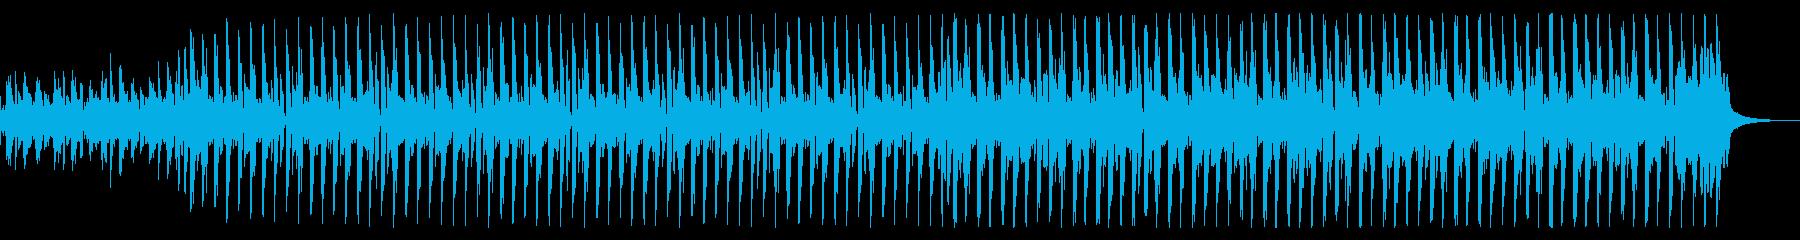 わくわくするディスコミュージックの再生済みの波形